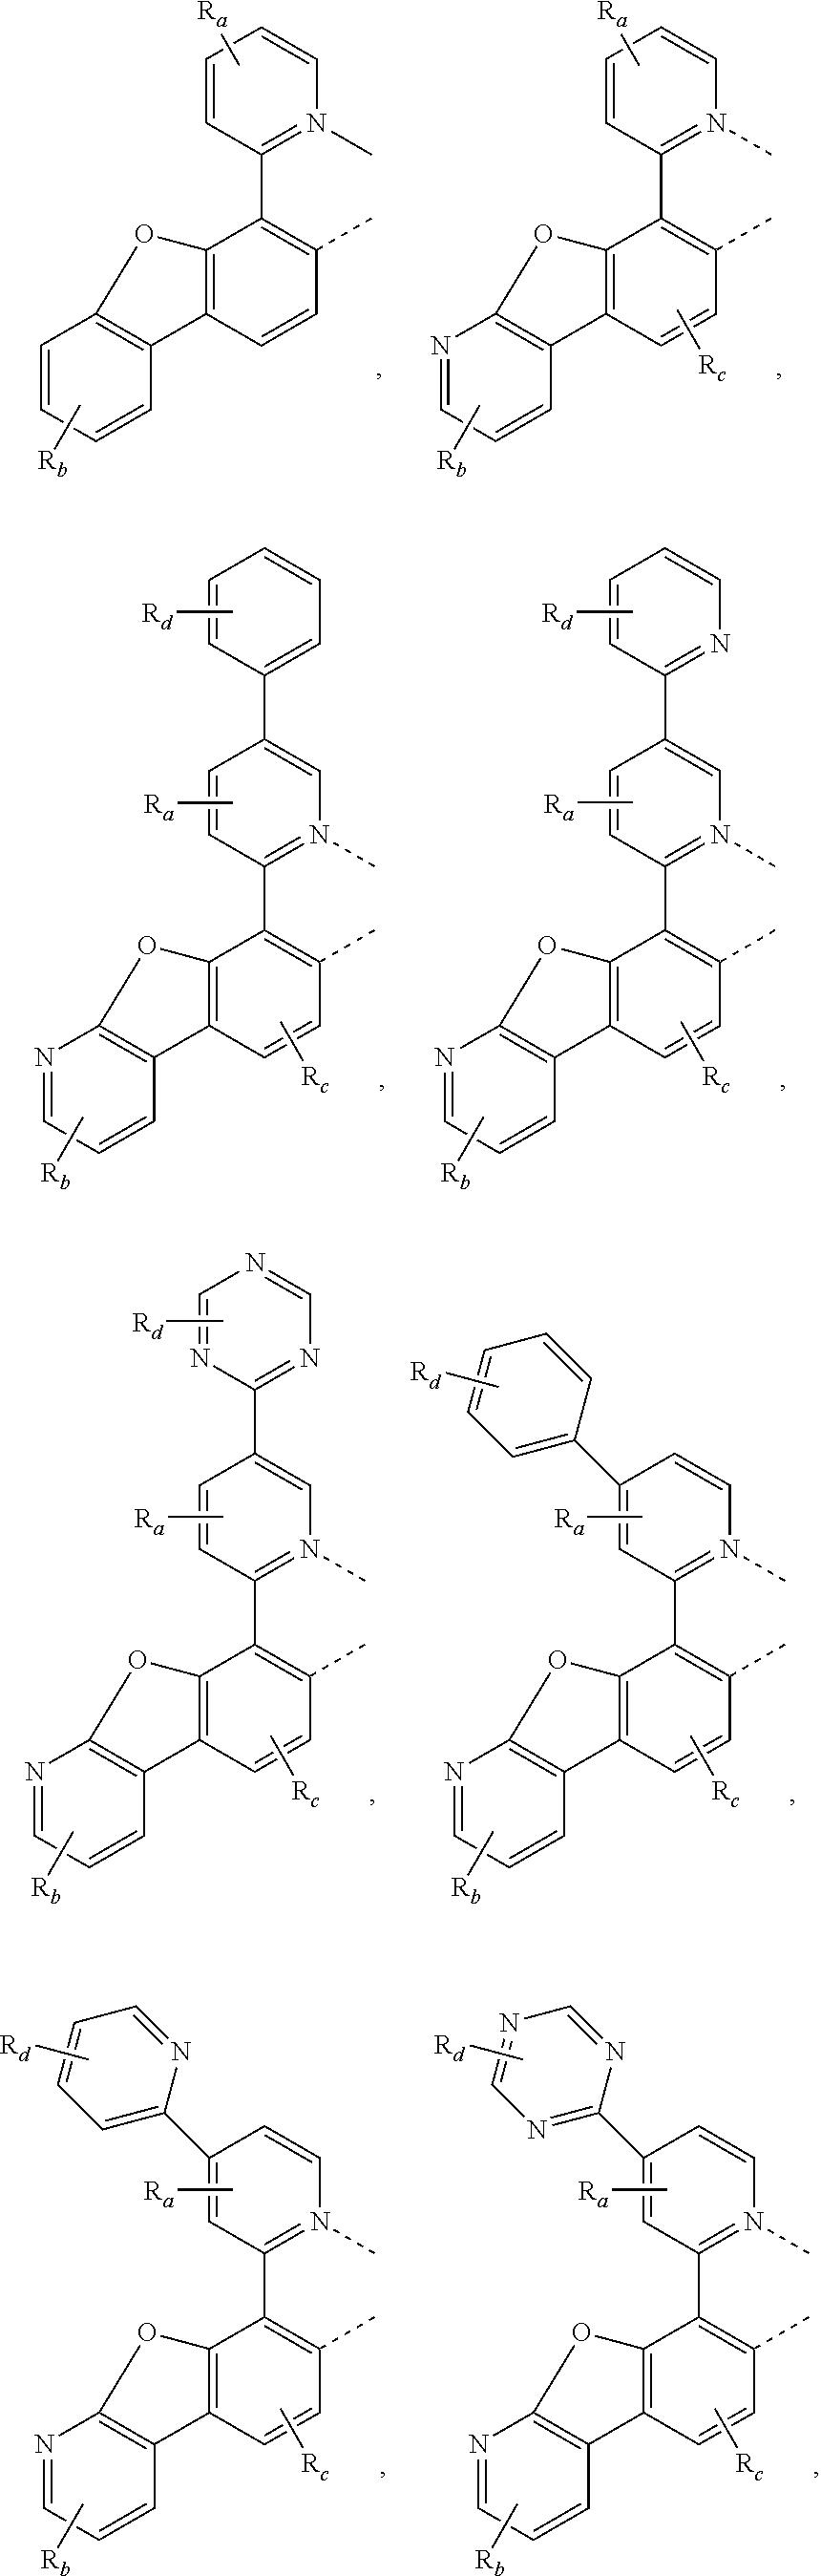 Figure US20180130962A1-20180510-C00218